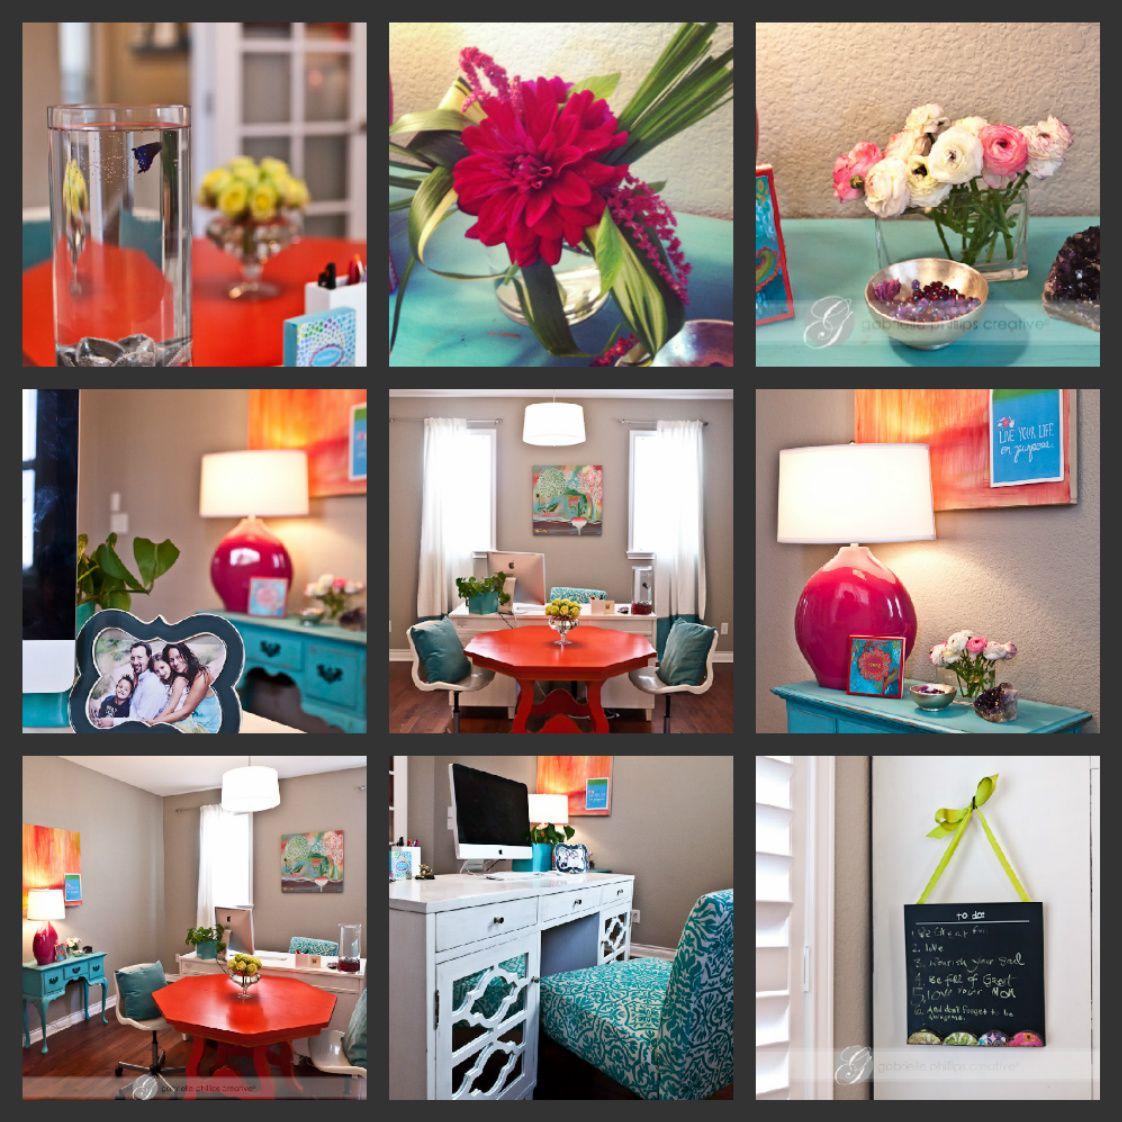 feng shui office studio 1000 images about feng shui your desk on pinterest feng shui desks acoustics feng shui